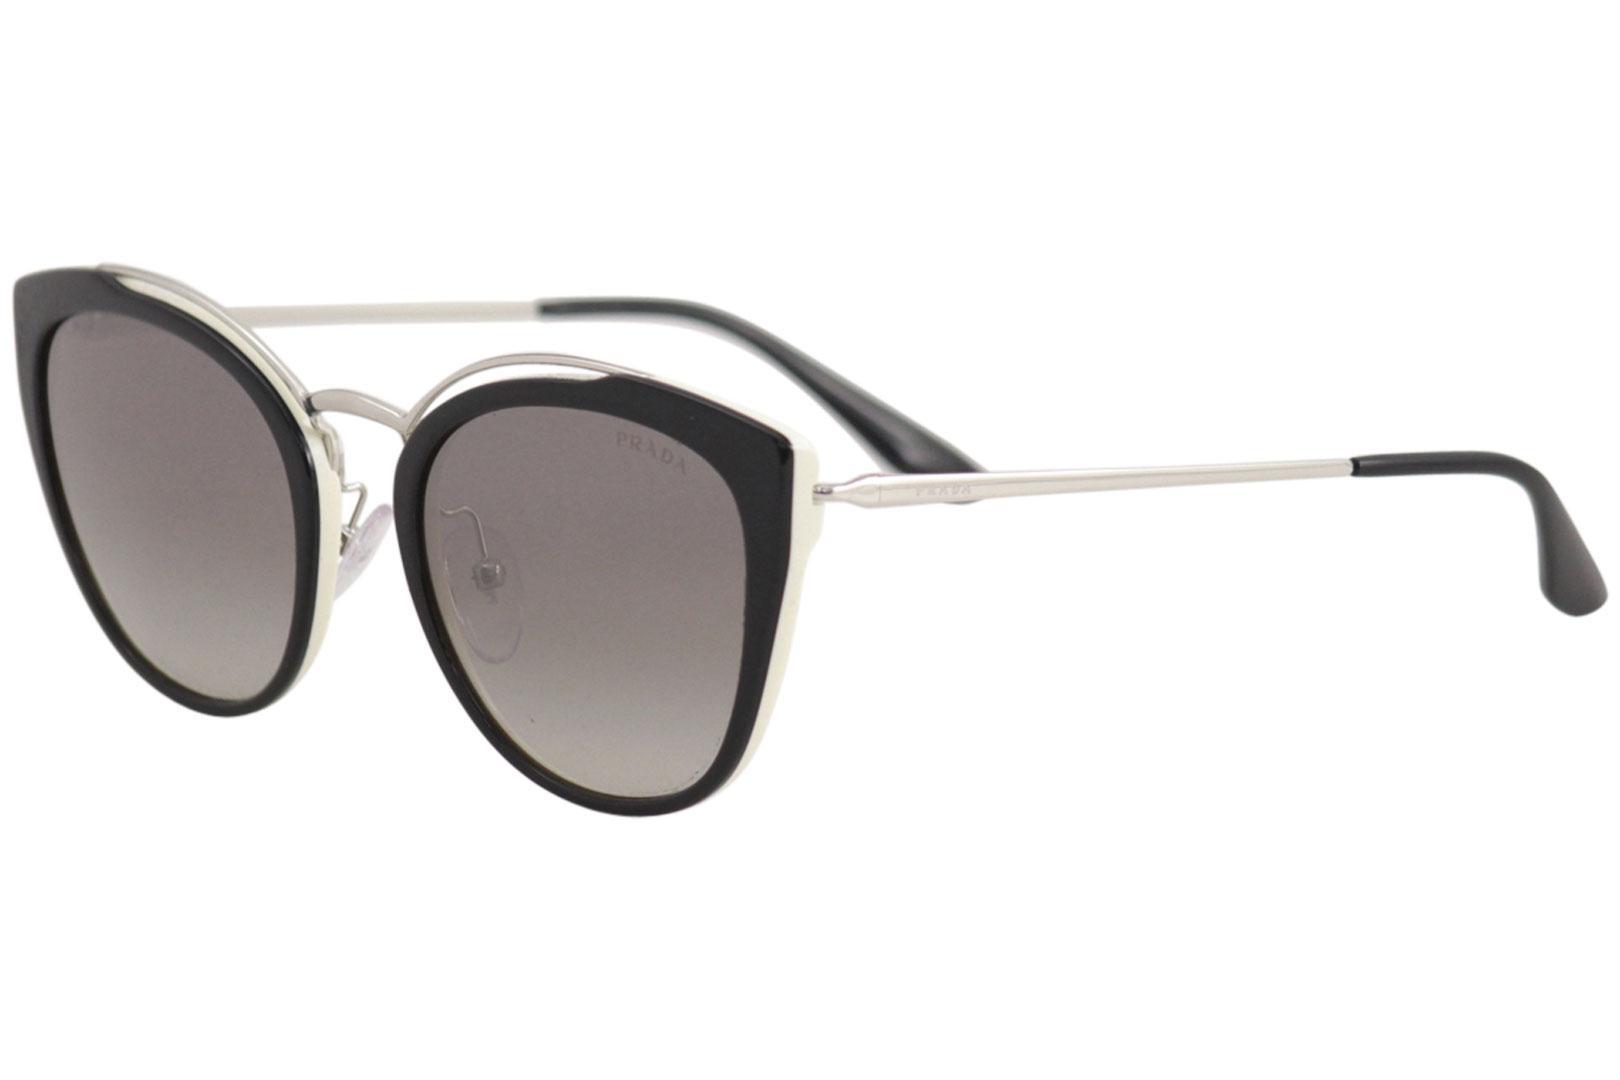 e9a03bdd140 Prada Women s SPR20U SPR 20 U Fashion Cat Eye Sunglasses